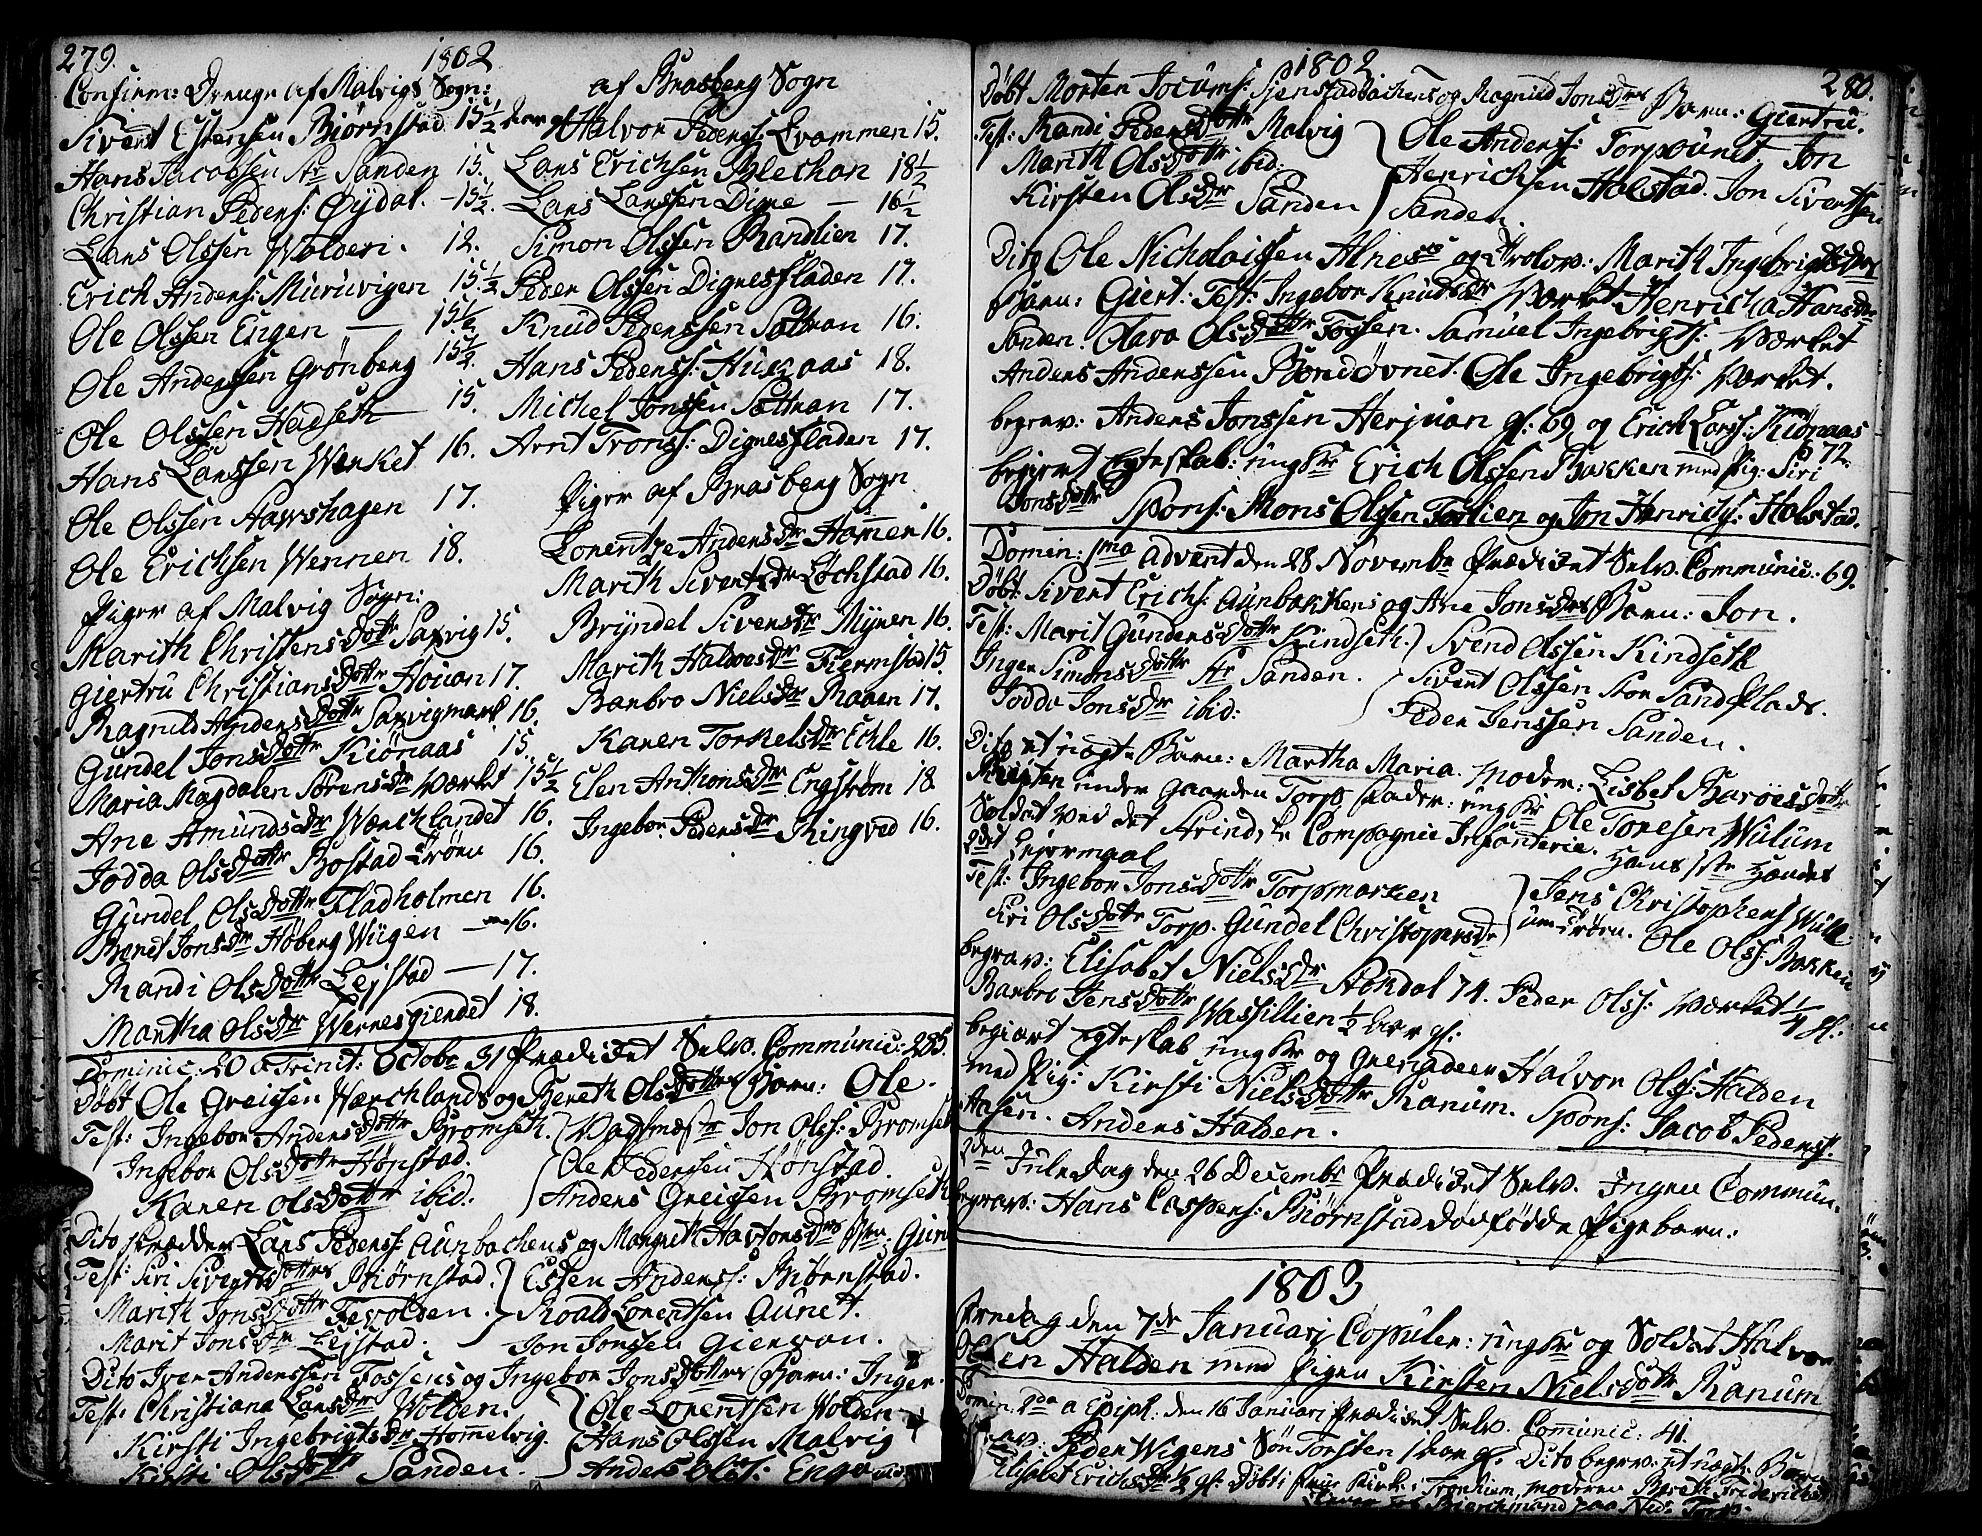 SAT, Ministerialprotokoller, klokkerbøker og fødselsregistre - Sør-Trøndelag, 606/L0281: Ministerialbok nr. 606A02 /2, 1781-1817, s. 279-280